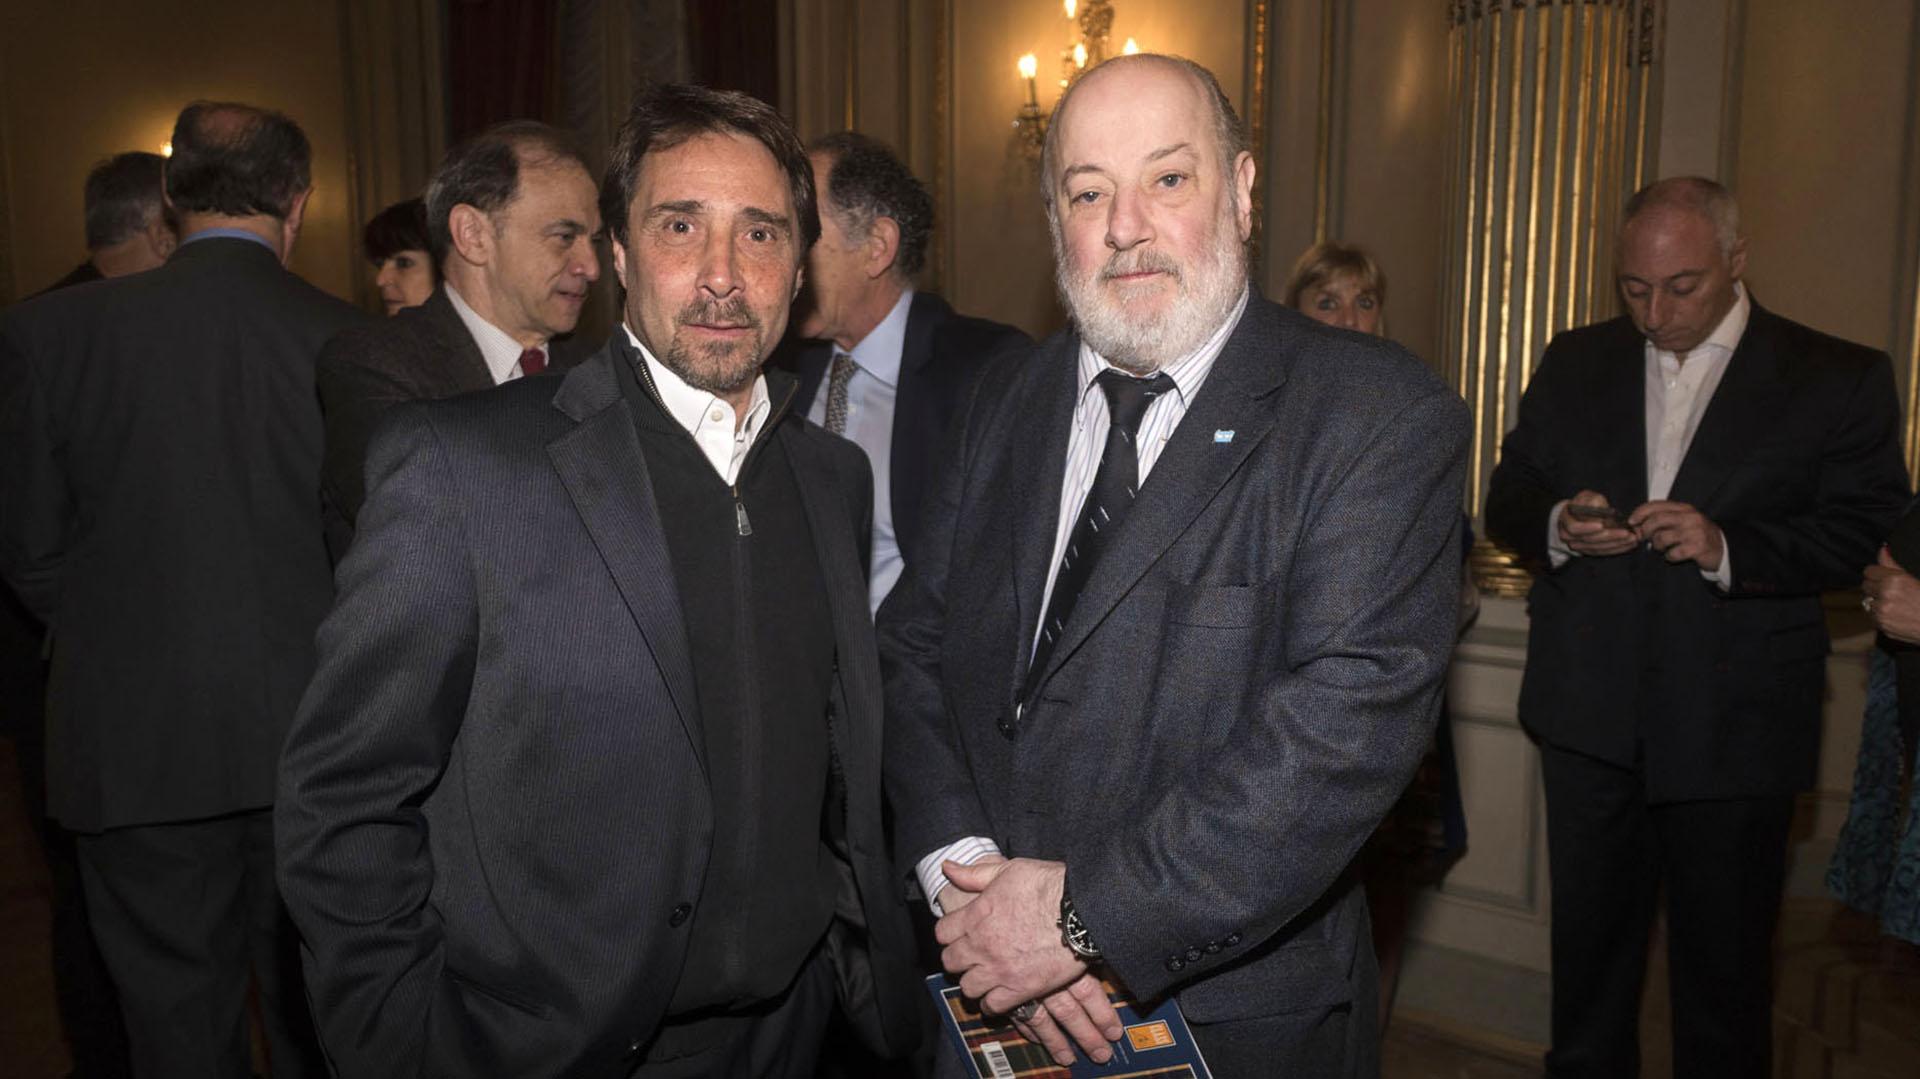 El periodista Eduardo Feinmann y el juez federal Claudio Bonadio.